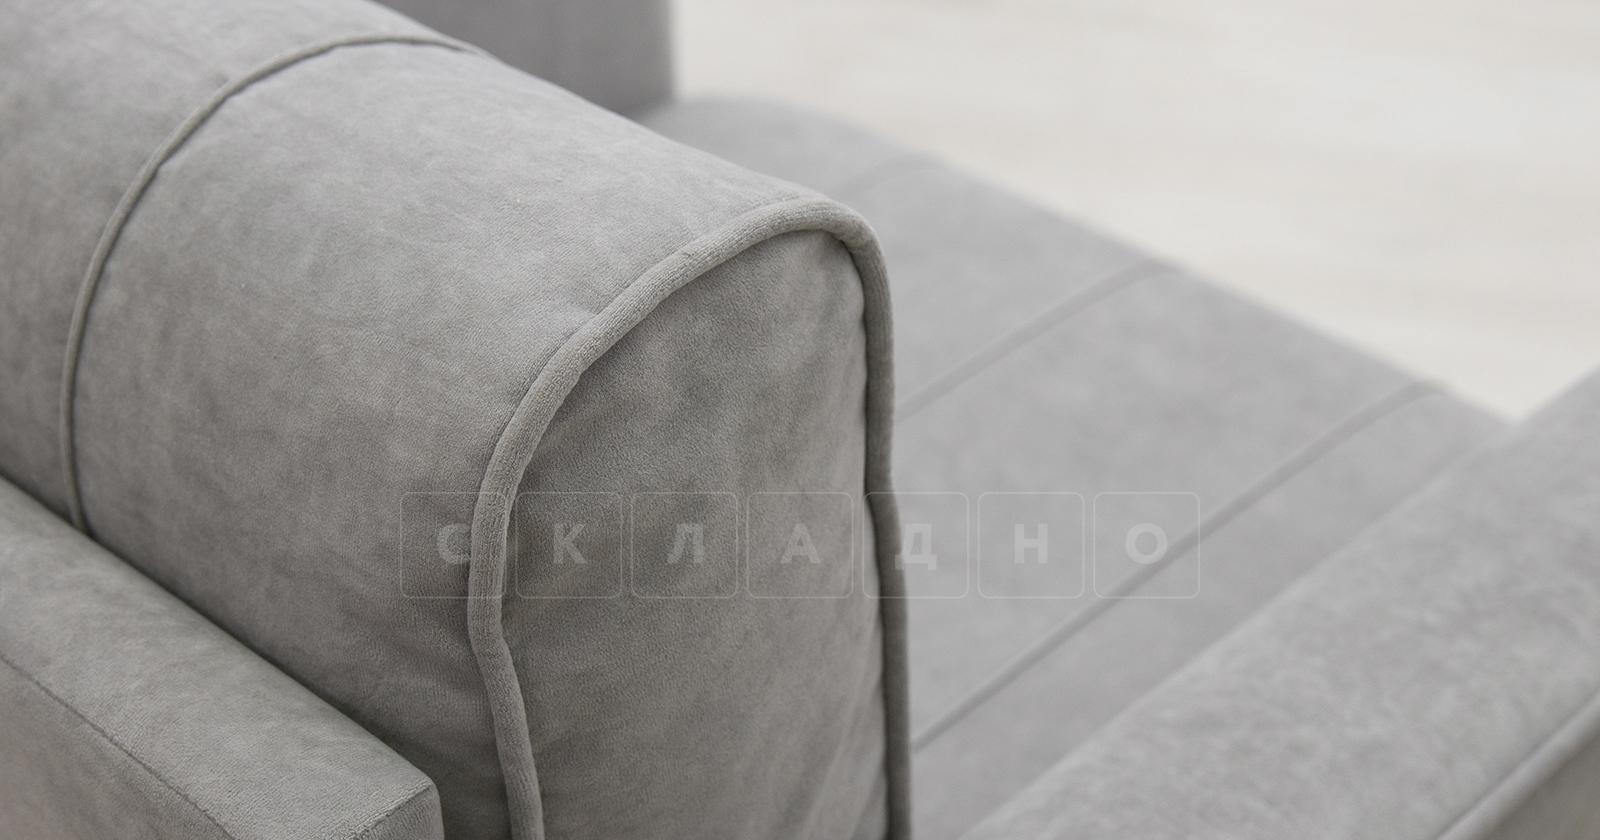 Кресло для отдыха Лорен серебристый серый фото 8   интернет-магазин Складно